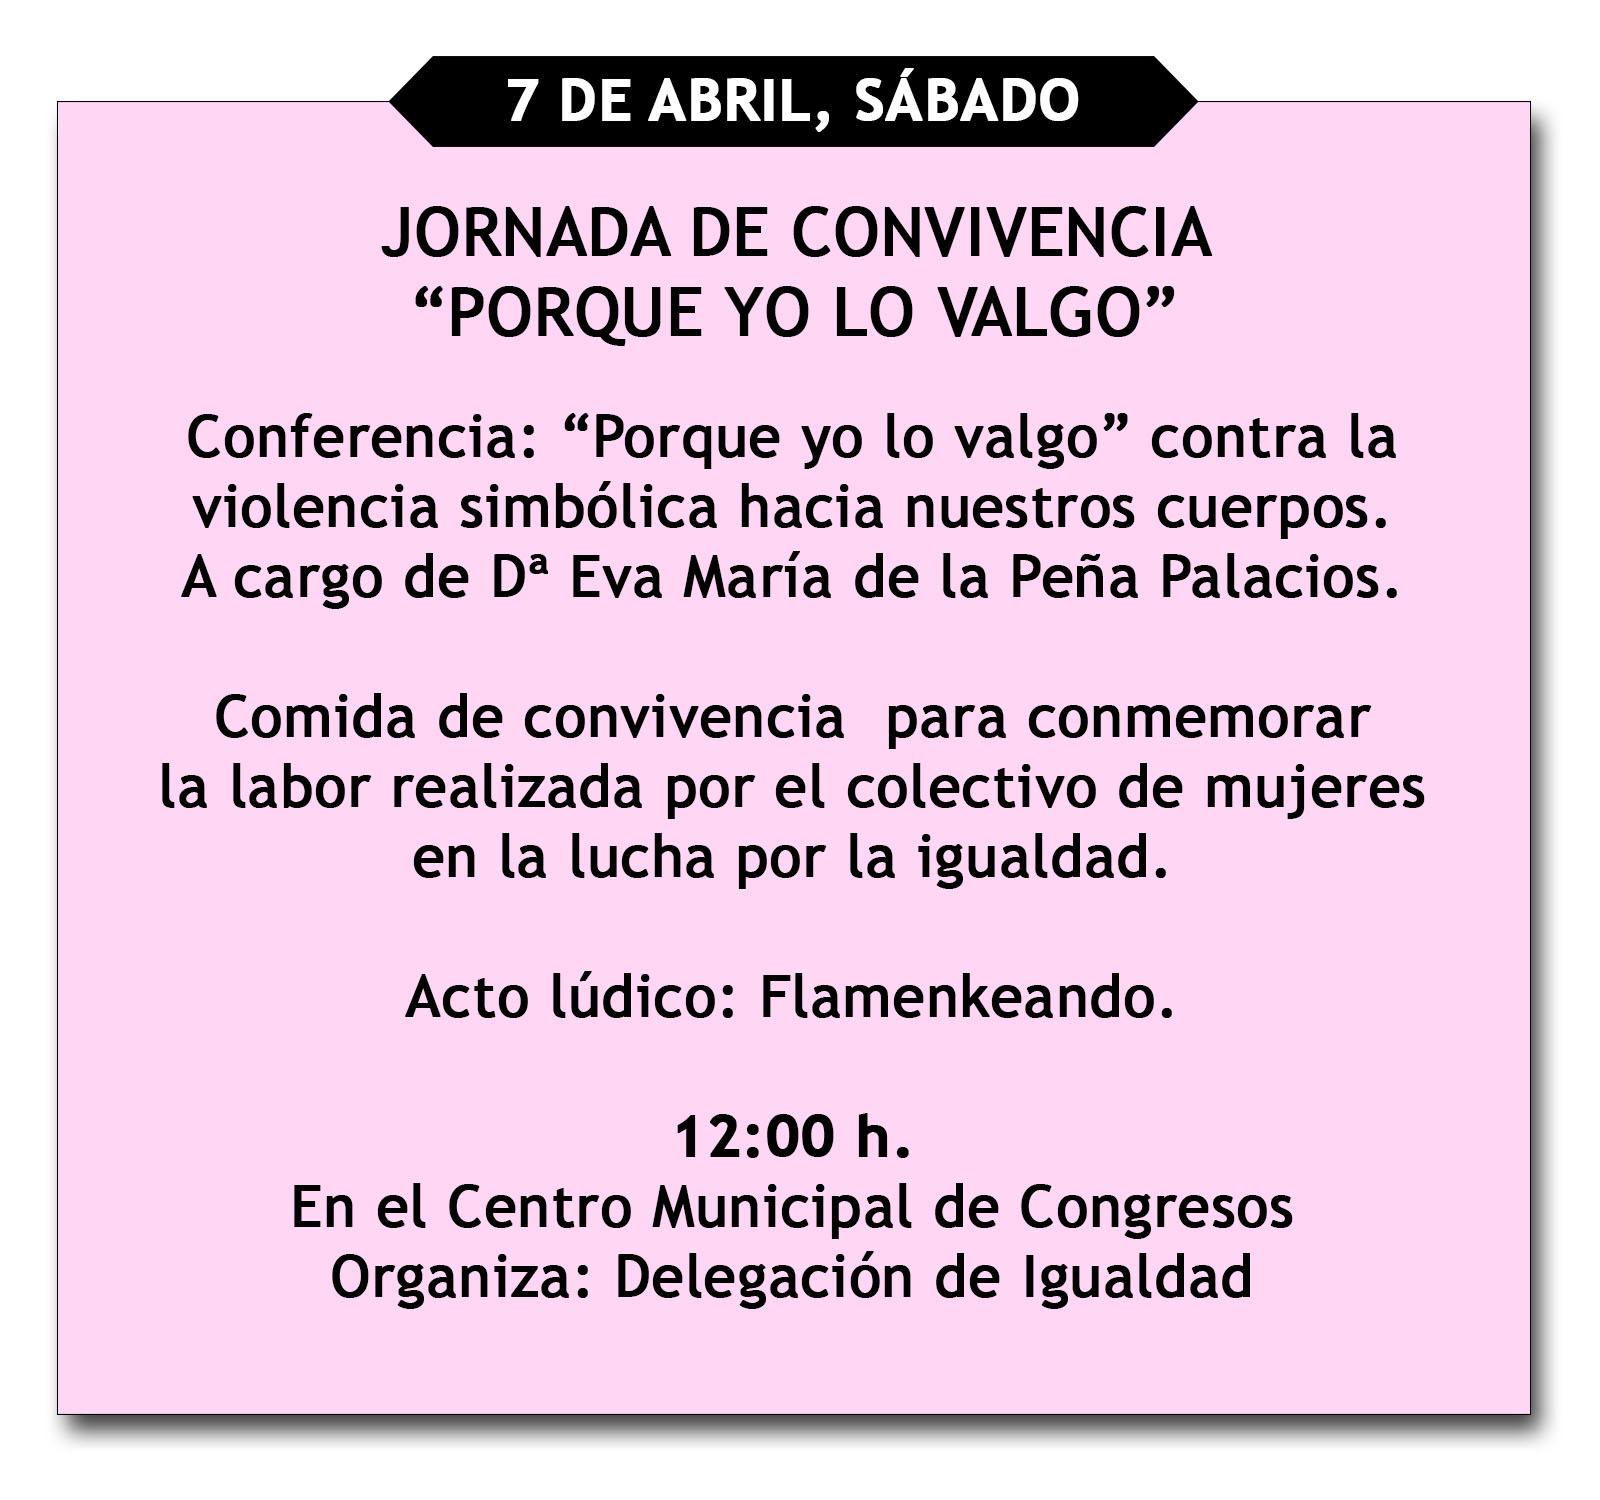 https://www.palmadelrio.es/sites/default/files/actividad-7-de-abril.jpg